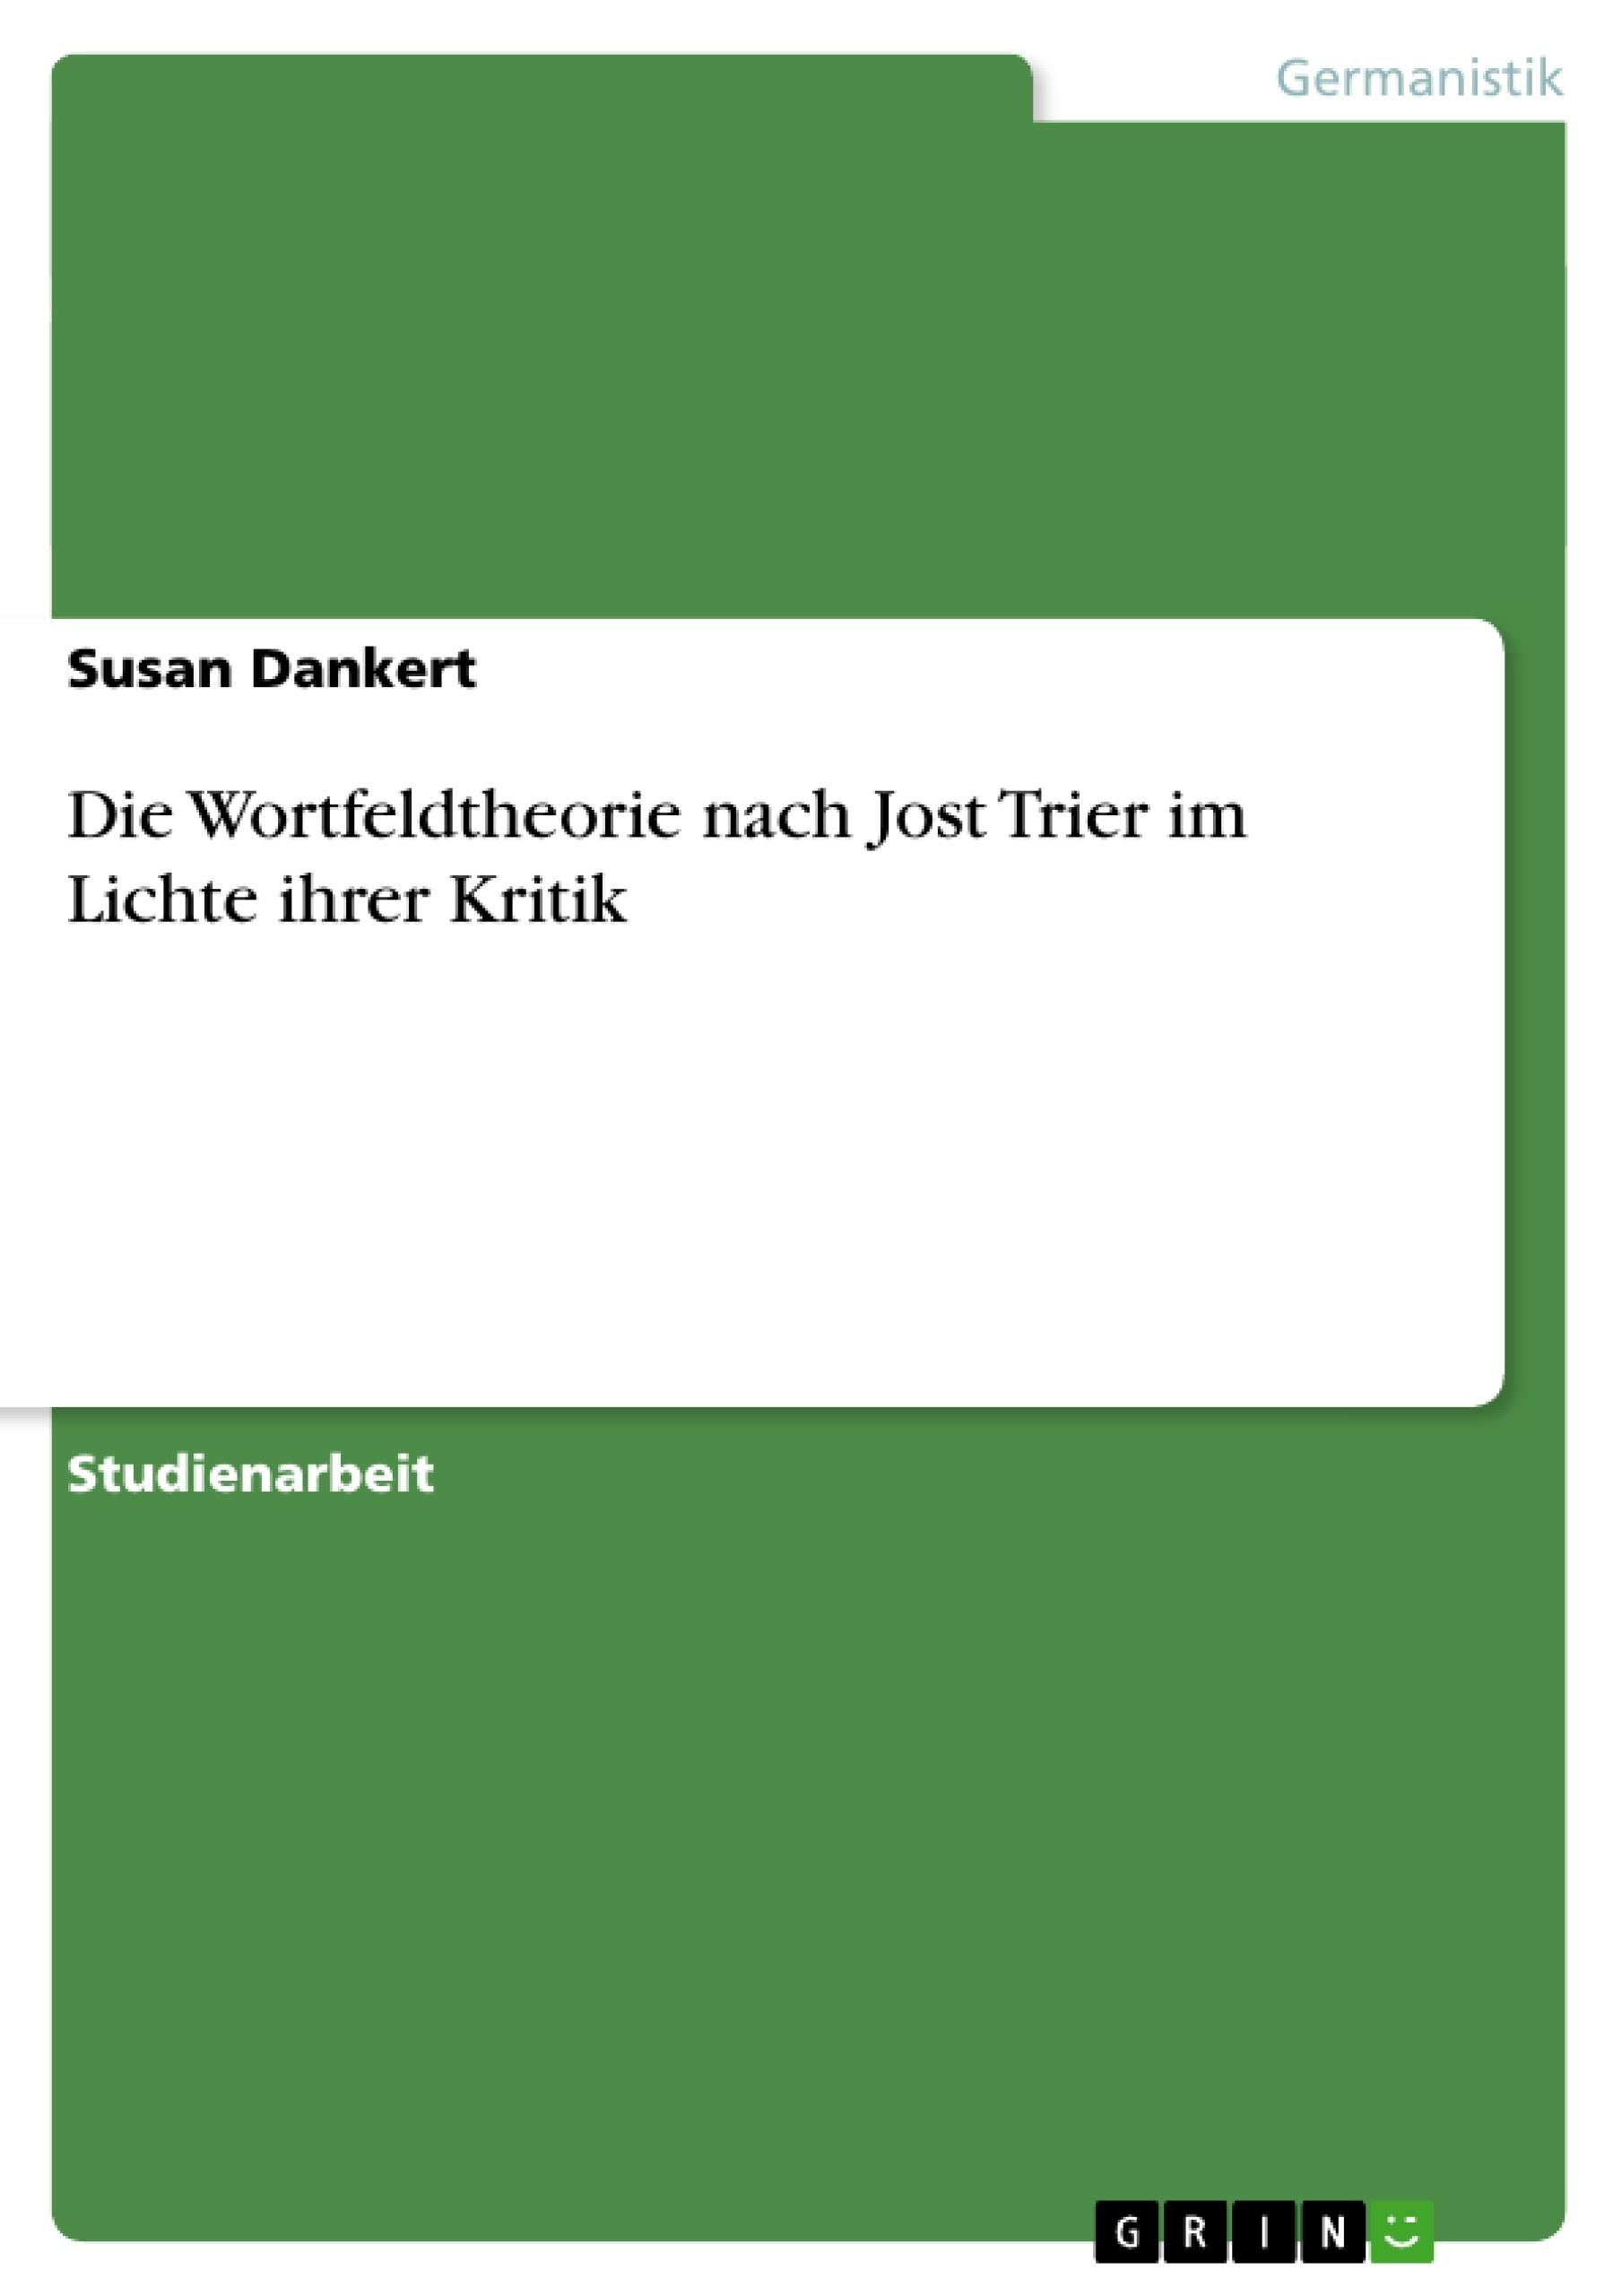 Titel: Die Wortfeldtheorie nach Jost Trier im Lichte ihrer Kritik